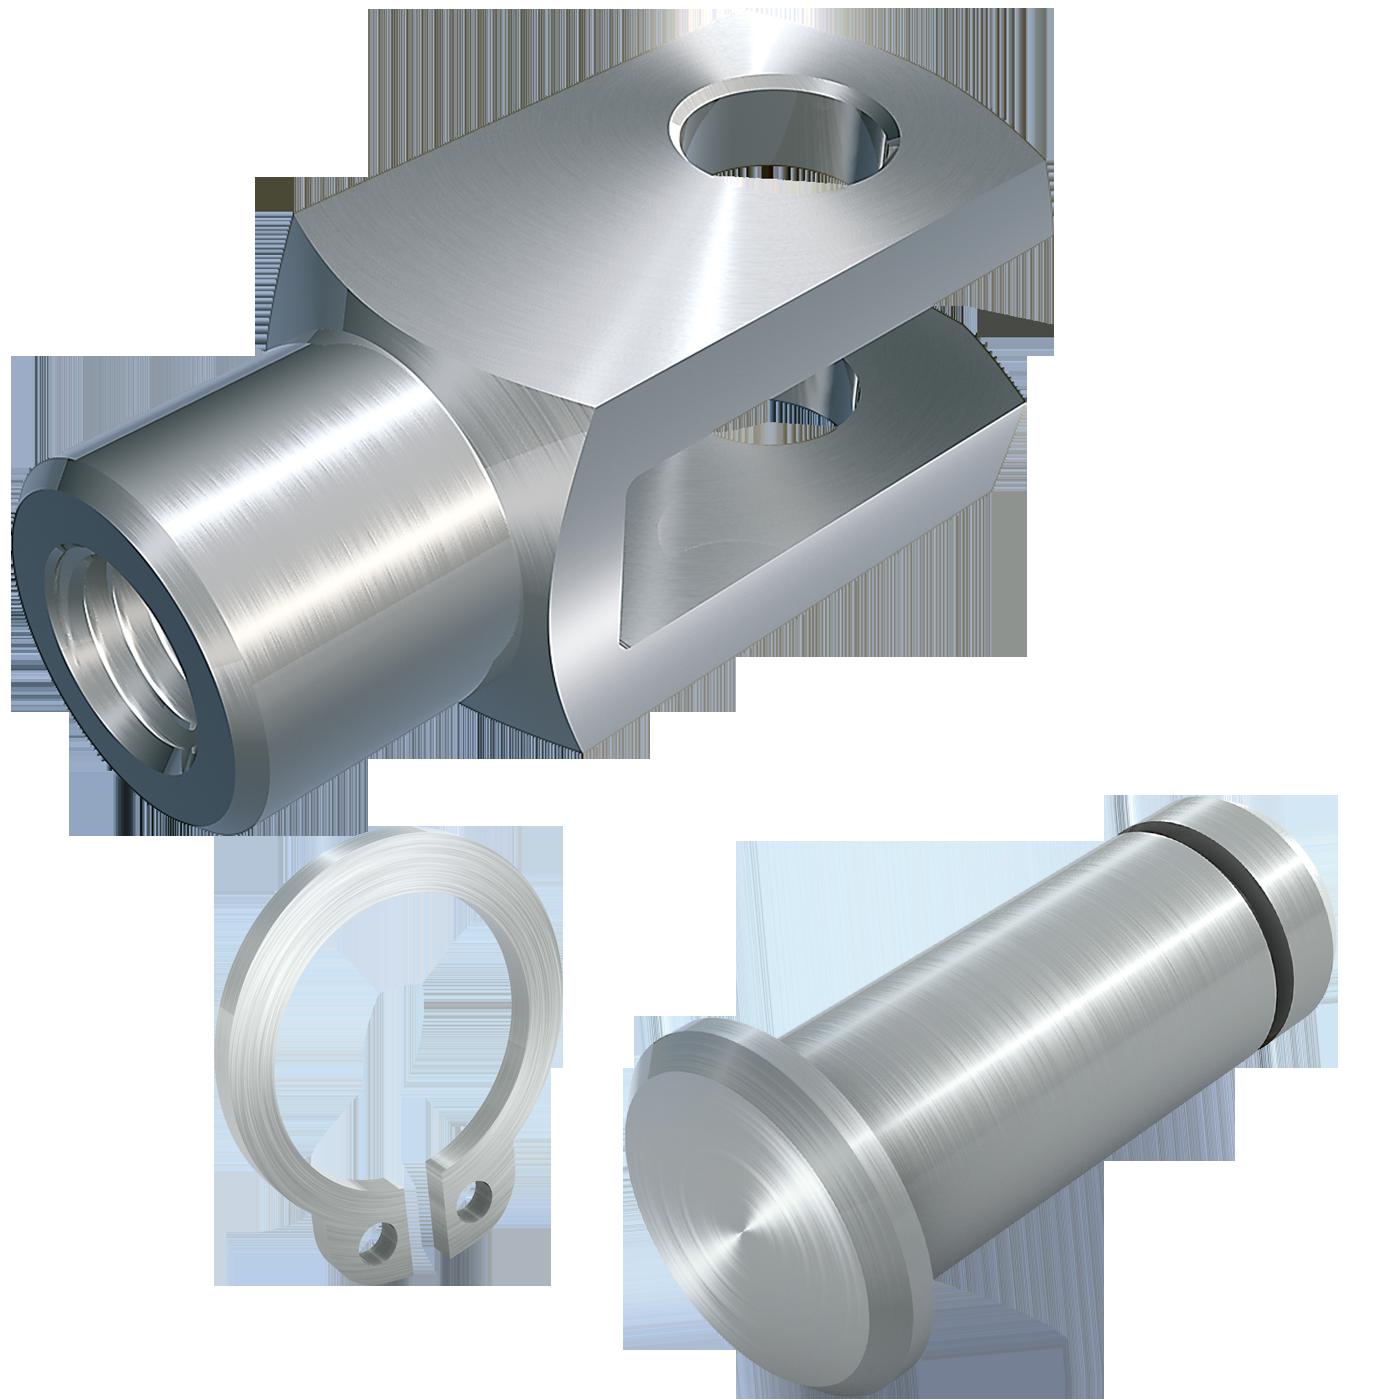 mbo Oßwald ist Hersteller von Gabelgelenk, Gabelgelenken mbo-Norm ABS 471, lose, bestehend aus Gabelkopf, Gabelköpfe, Gabelkoepfe, nach DIN 71752, DIN ISO 8140, CETOP RP102P und Bolzen mit Einstich und entsprechendem Sicherungsring nach DIN 471. Wir fertigen diese aus Stahl 1.0718 und Edelstahl 1.4305.